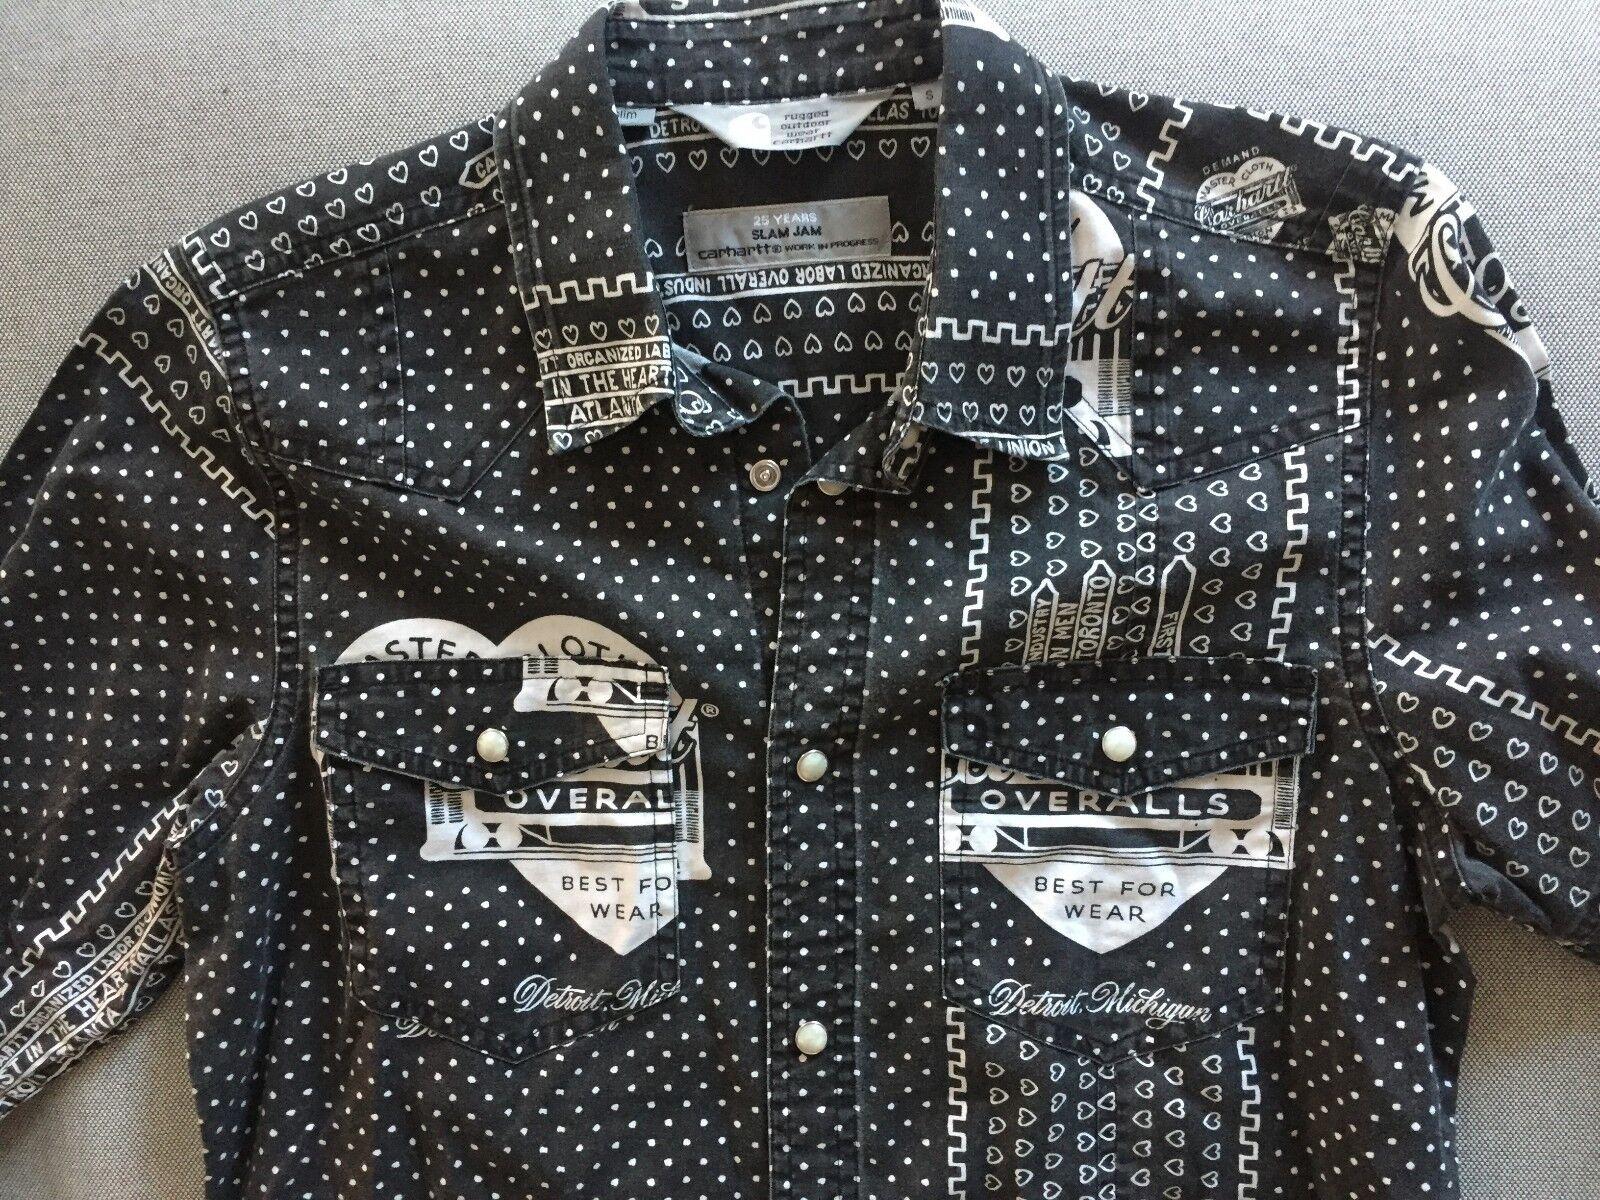 camicia SMALL shirt  CARHARTT  SLAM JAM TG SMALL camicia slim rare! 9dae28